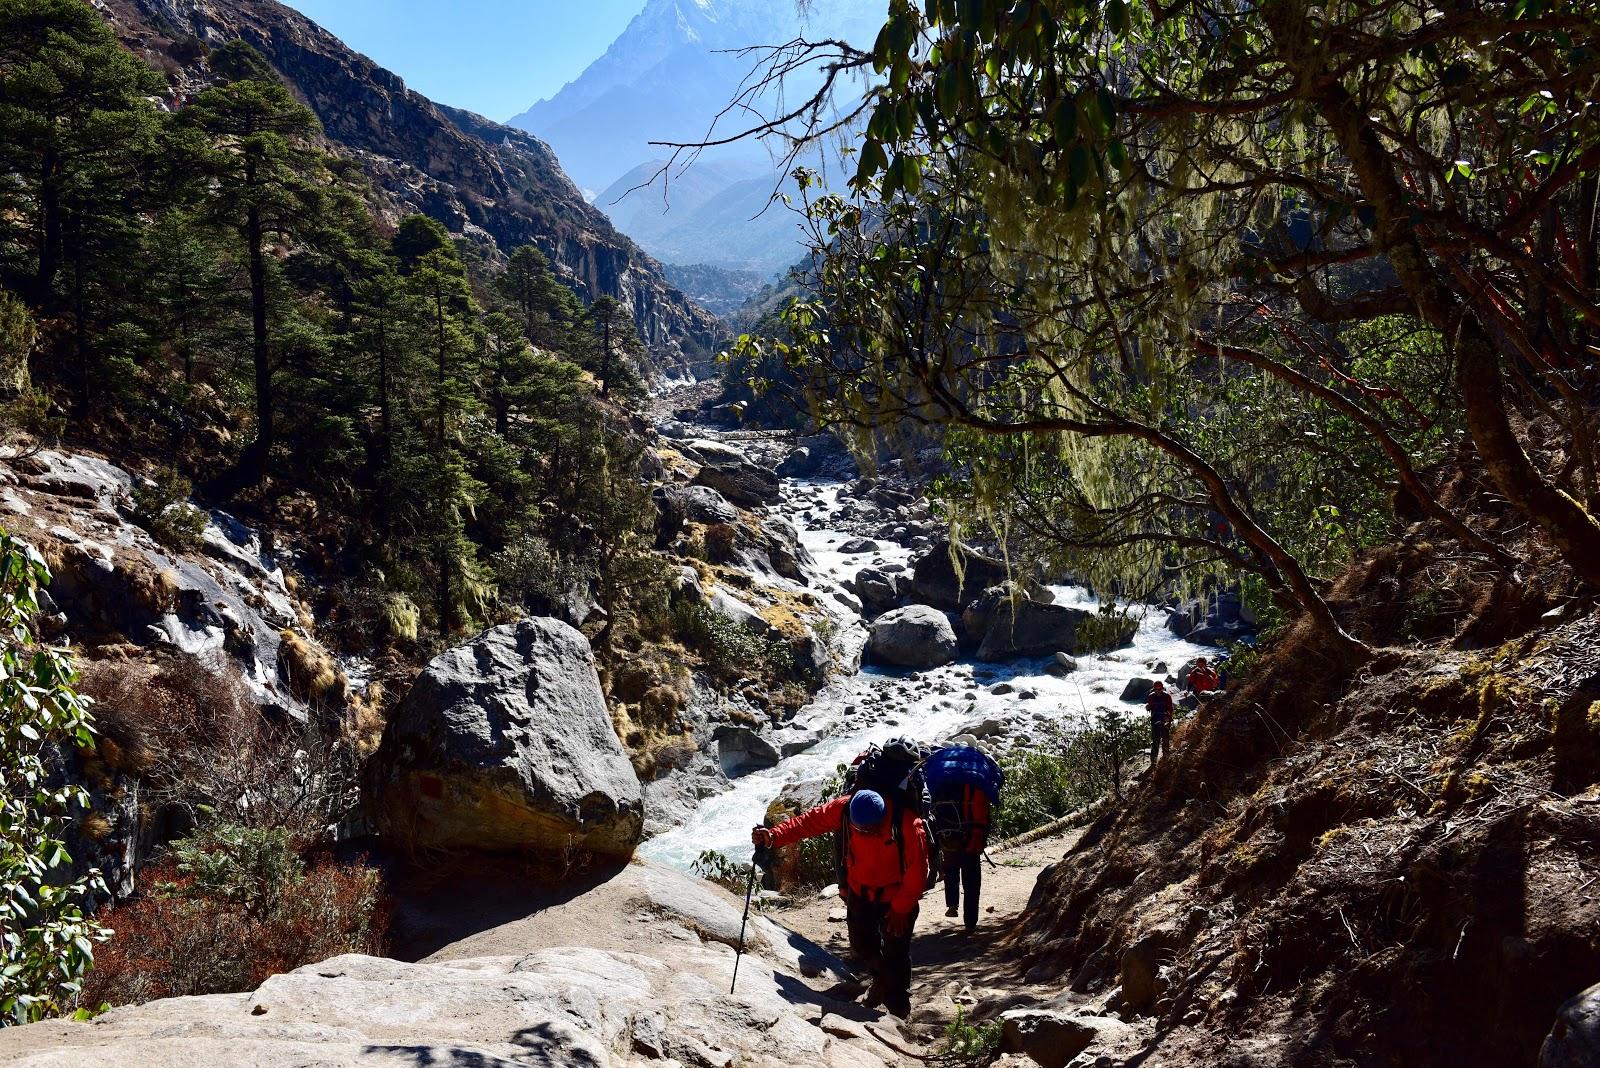 尼泊爾||PART2||Everest Base Camp||勇喘聖母峰基地營||丁波崎-羅波崎-樂高雪